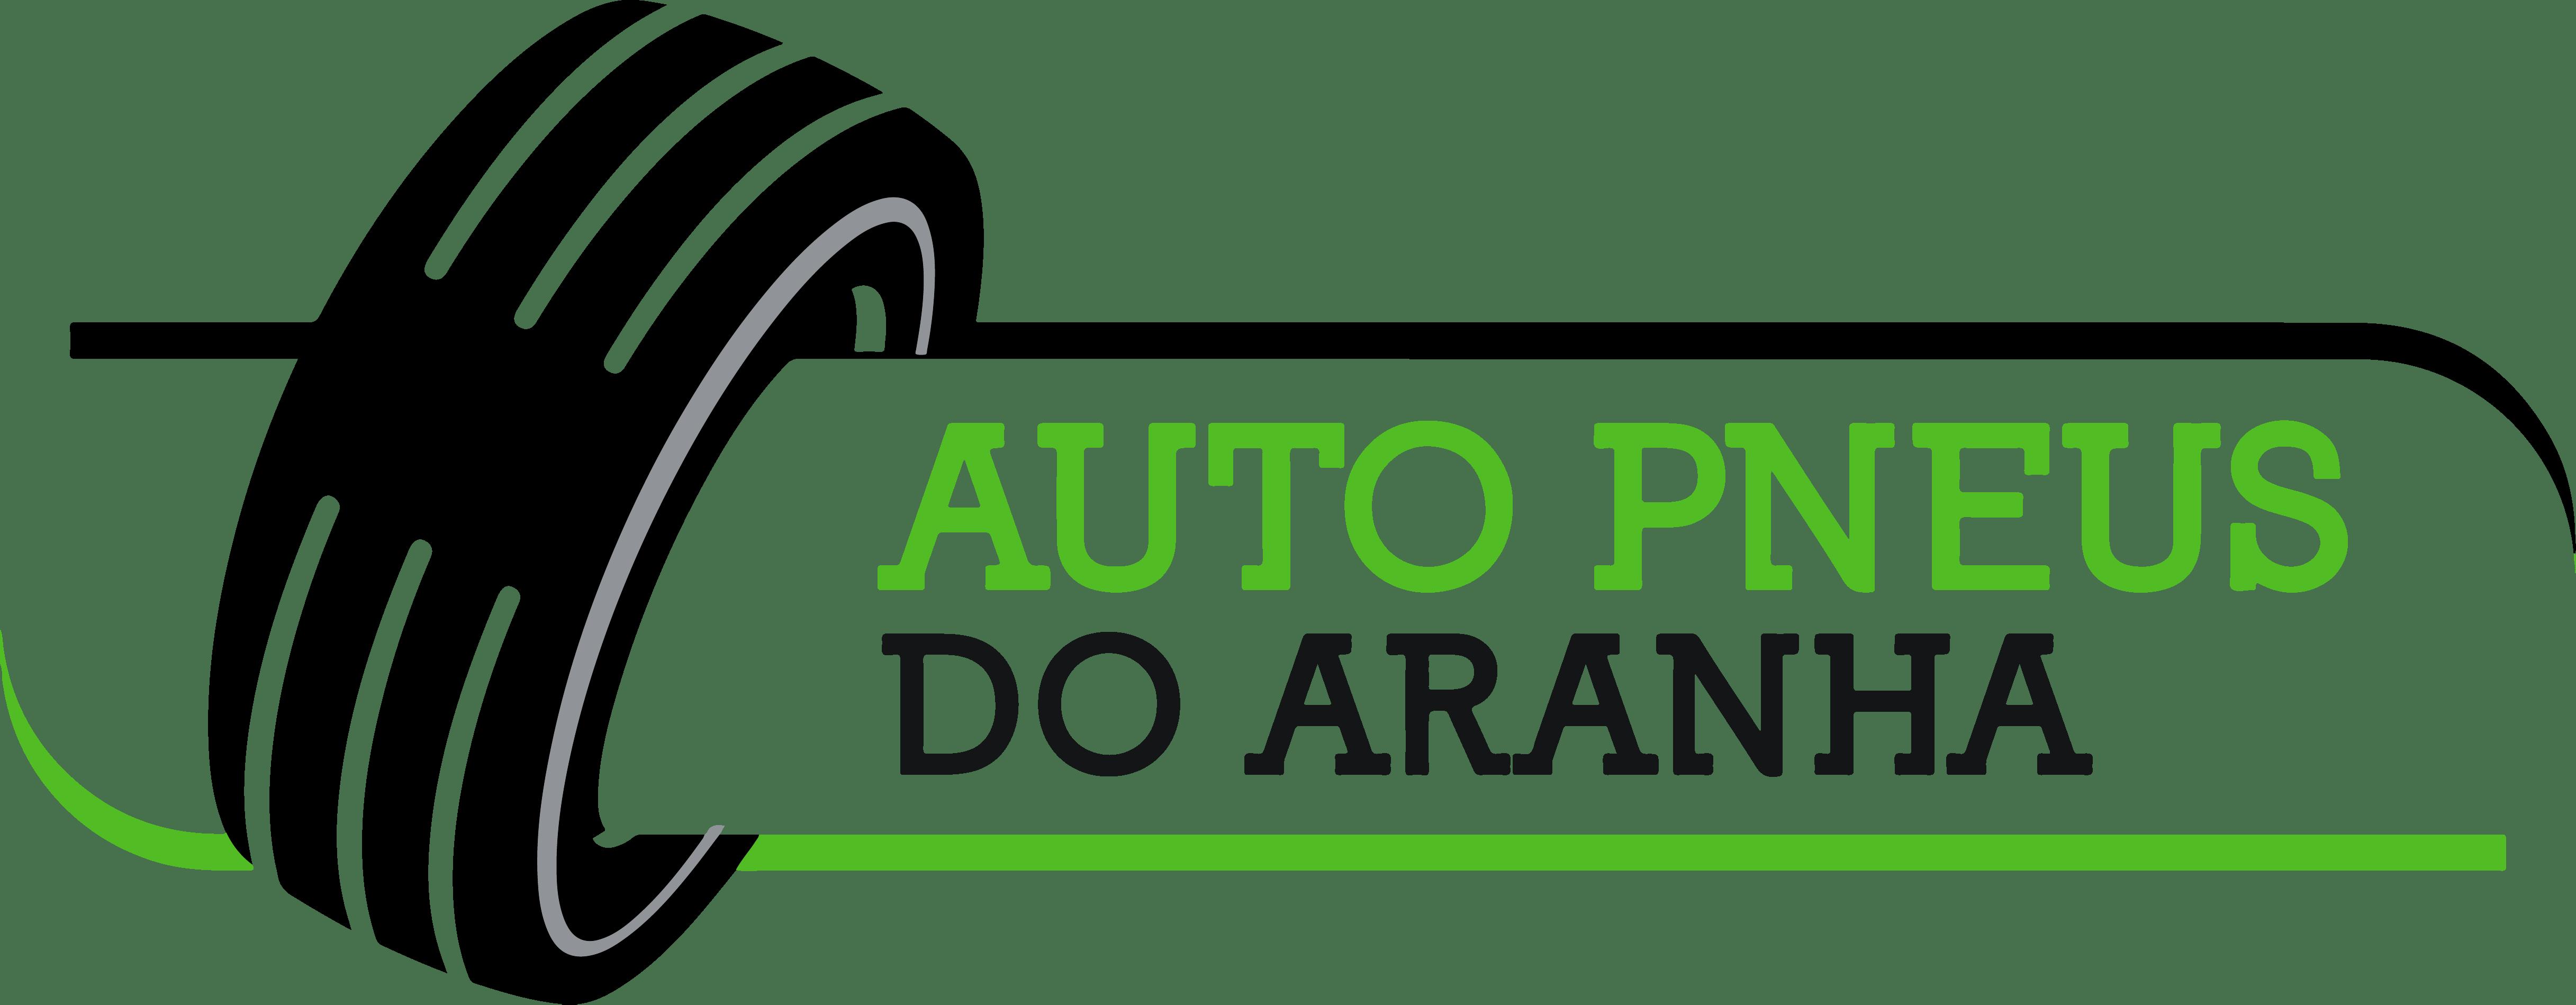 Logotipo | Auto Pneus do Aranha